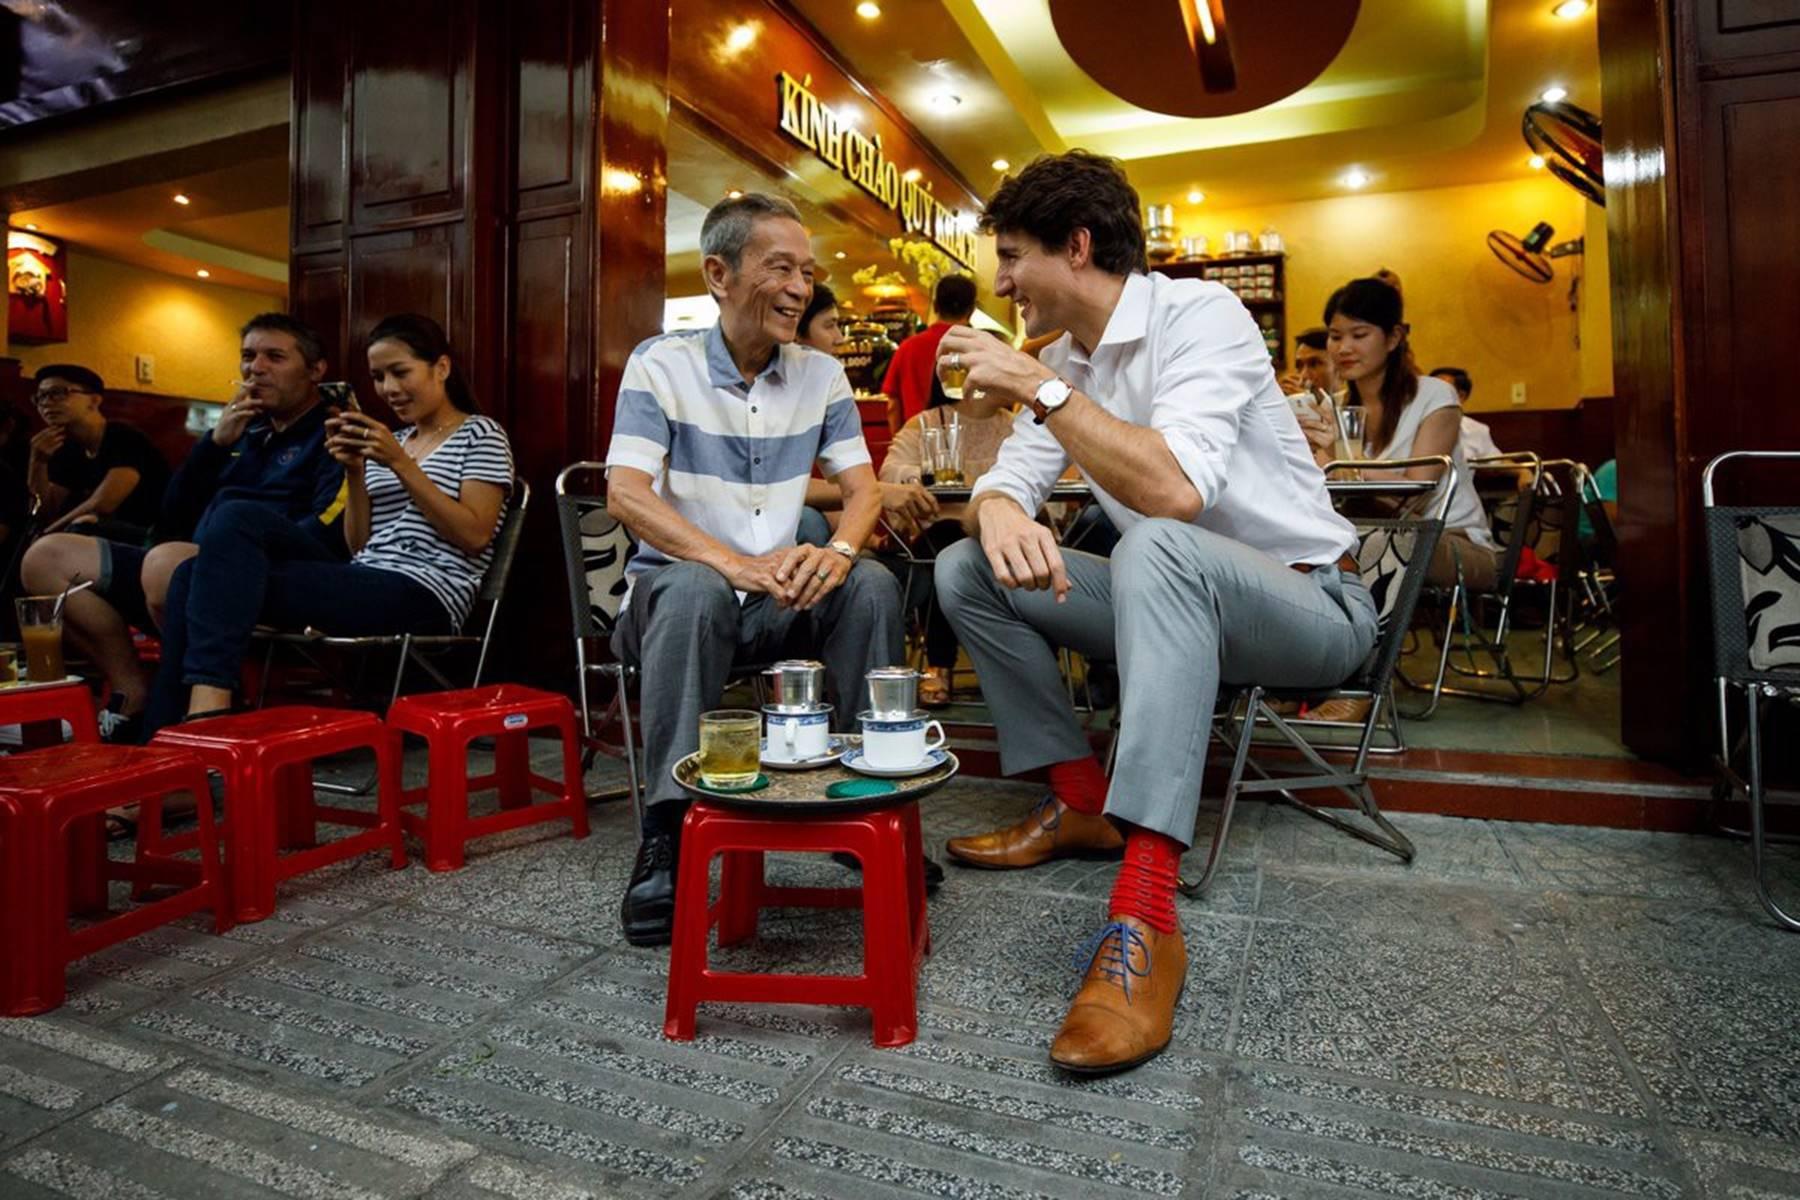 Hình ảnh bình dị của các nguyên thủ quốc gia trong chuyến công du đến Việt Nam: Chơi đàn bầu, ăn bún chả, uống cà phê vỉa hè-6